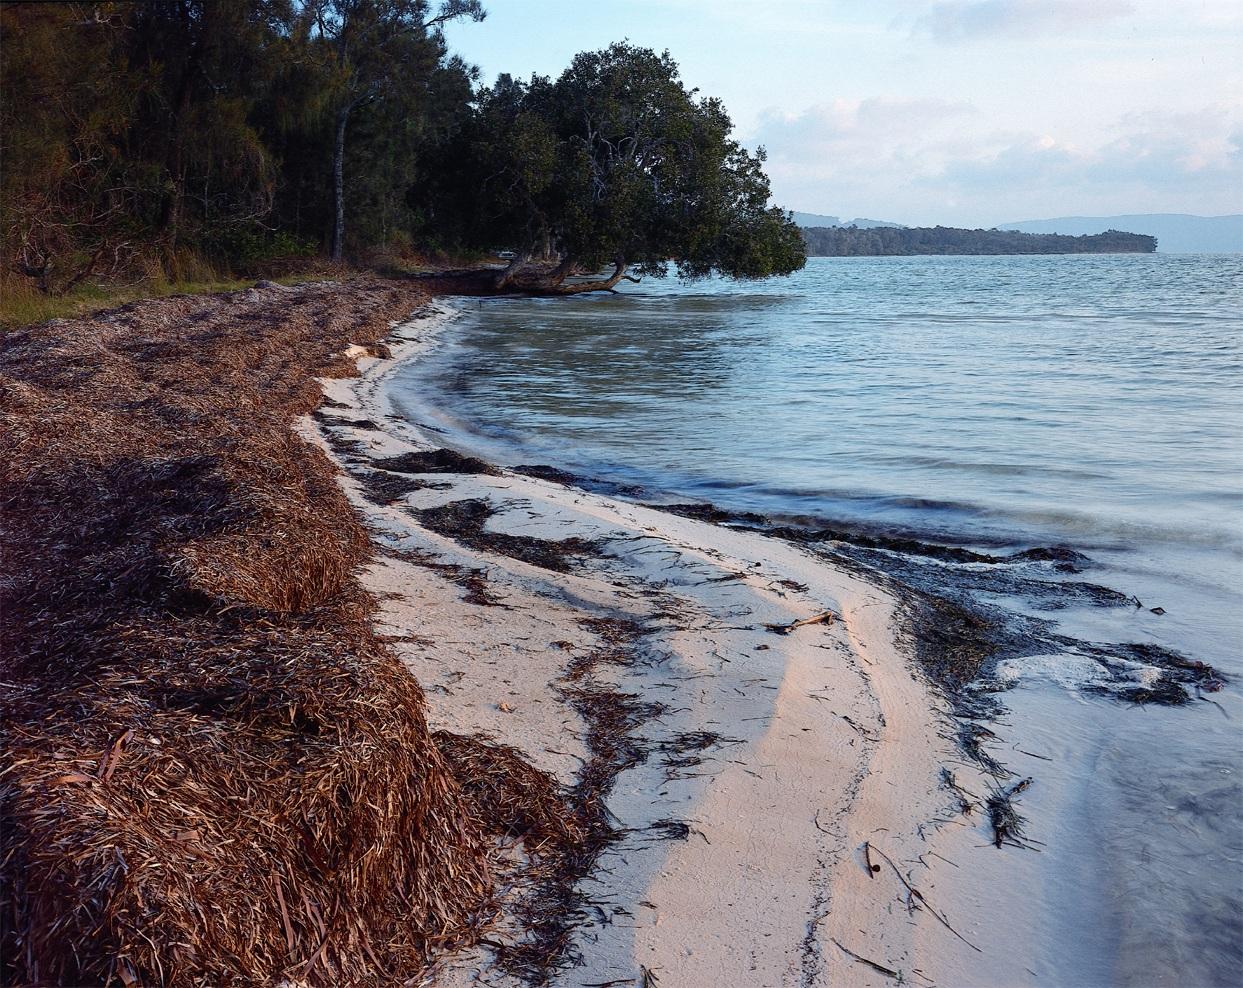 seaweed on lake shore.jpg